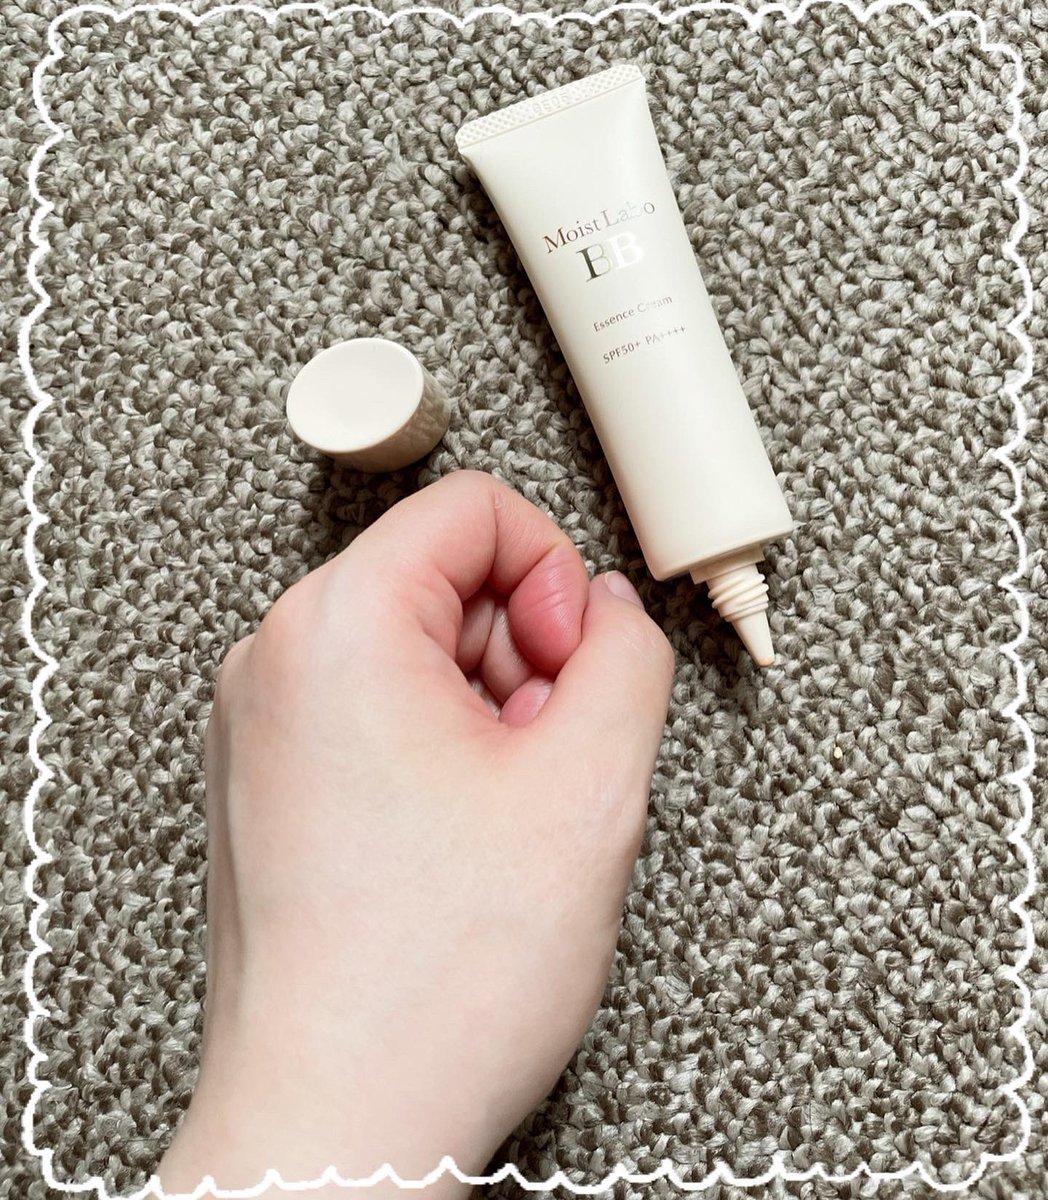 test ツイッターメディア - 明色化粧品 モイストラボBBエッセンスクリームを使用しました❤️こちらのBBクリームの特徴は、メイクしながらスキンケアができるんです!これ一つで美容液、クリーム、UVカット、化粧下地、コンシーラー、ファンデーションの6つの効果があります!!肌になじんでナチュラルな仕上がりで大満足でした❤️ https://t.co/QFY0xpqBkB